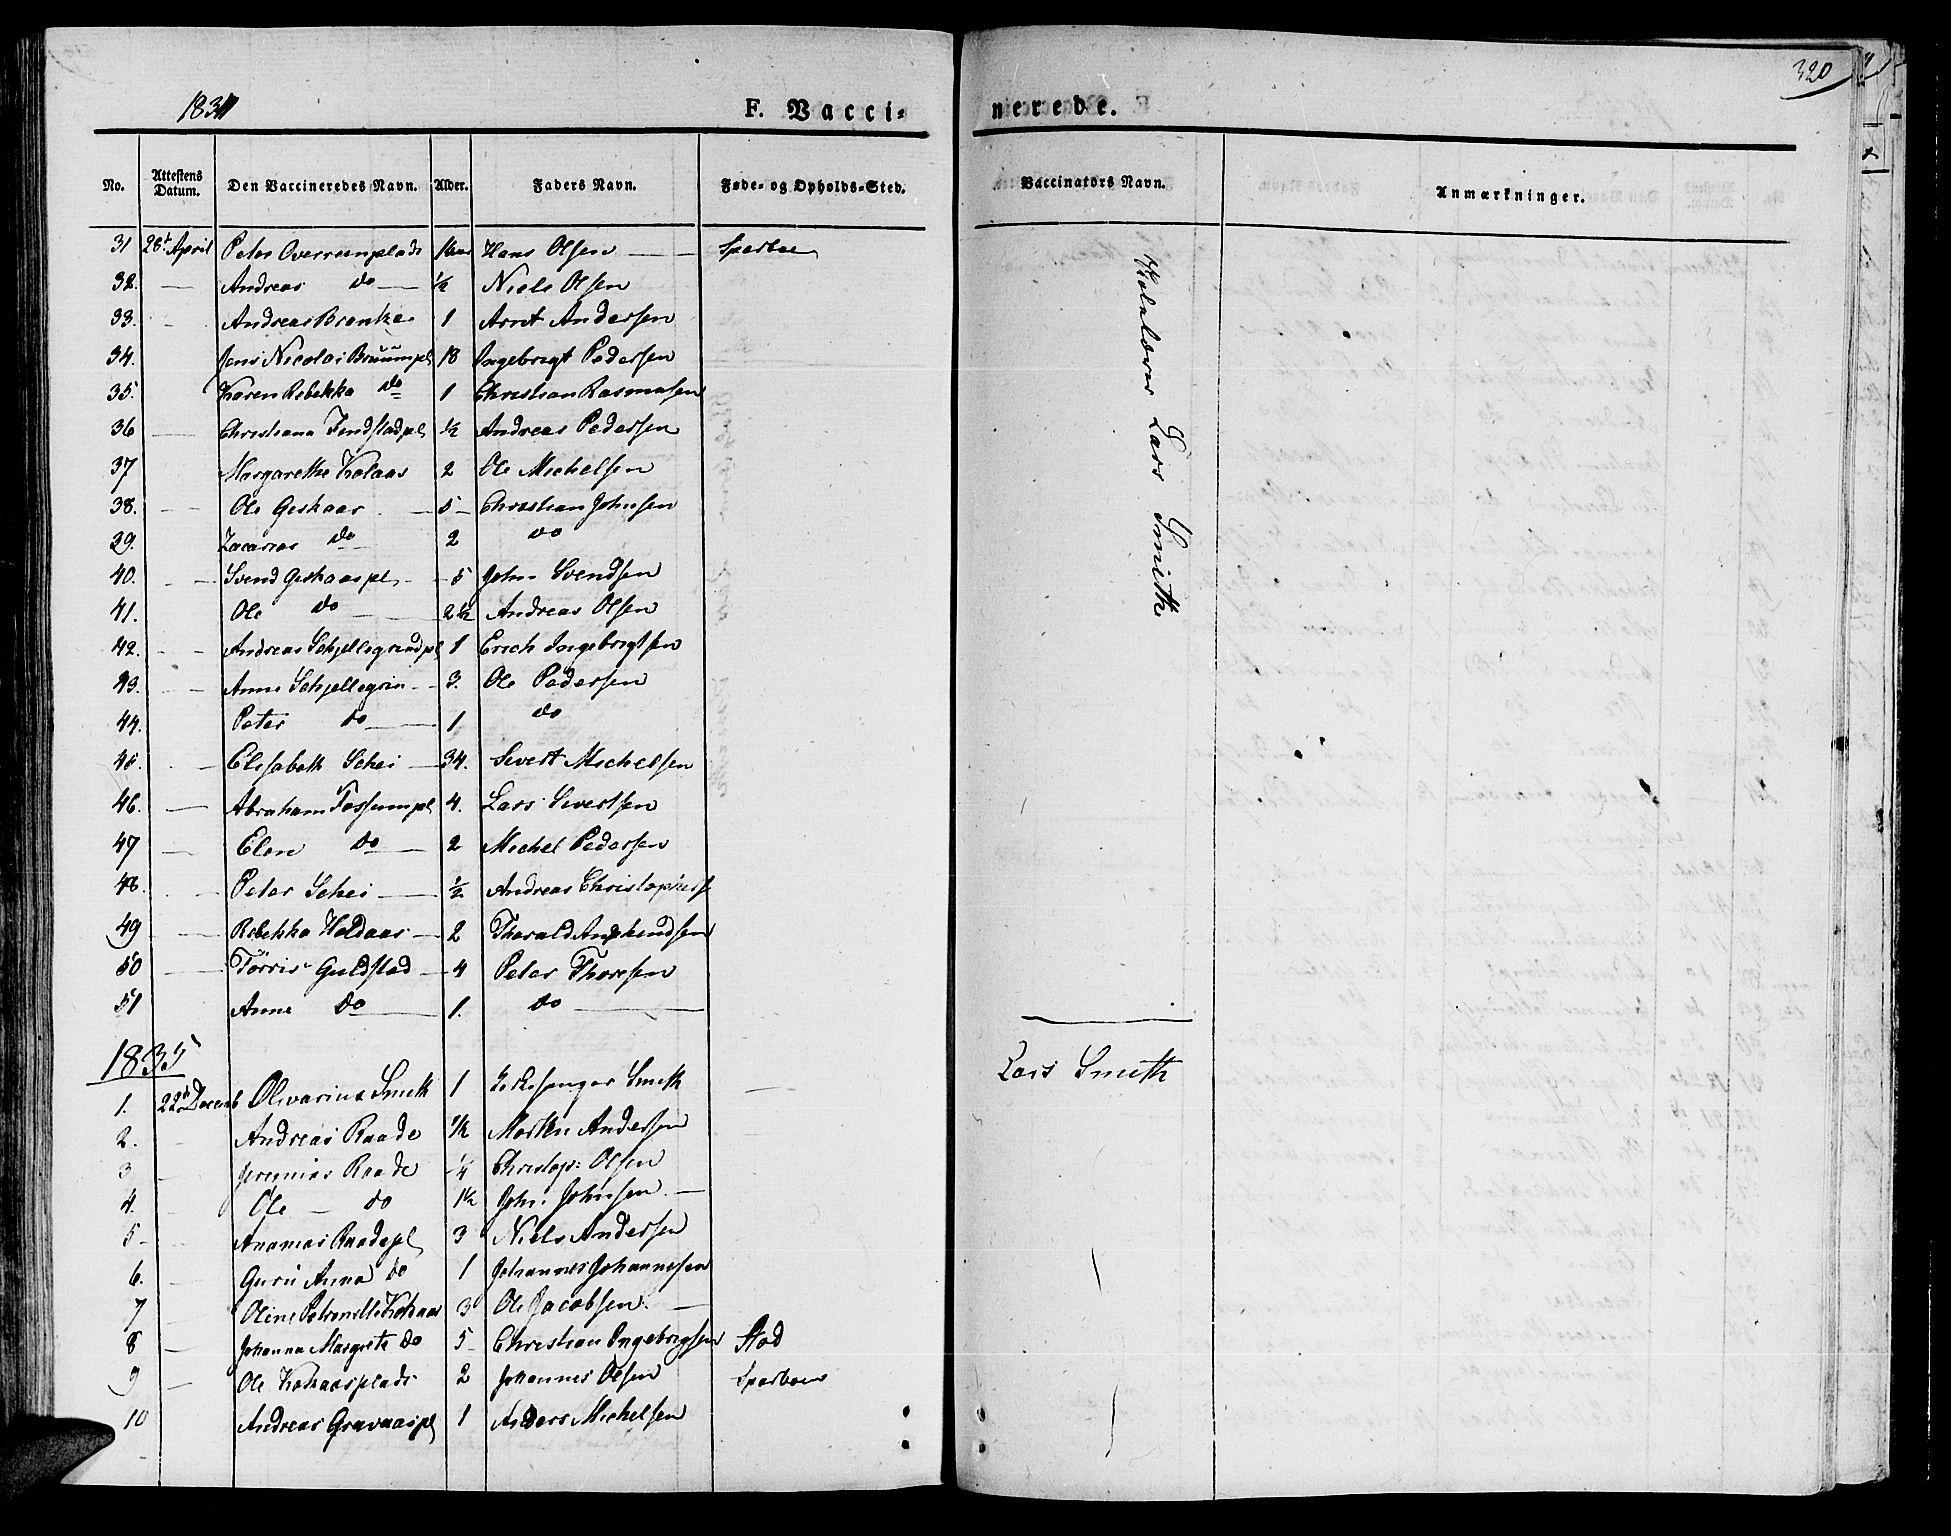 SAT, Ministerialprotokoller, klokkerbøker og fødselsregistre - Nord-Trøndelag, 735/L0336: Ministerialbok nr. 735A05 /1, 1825-1835, s. 320